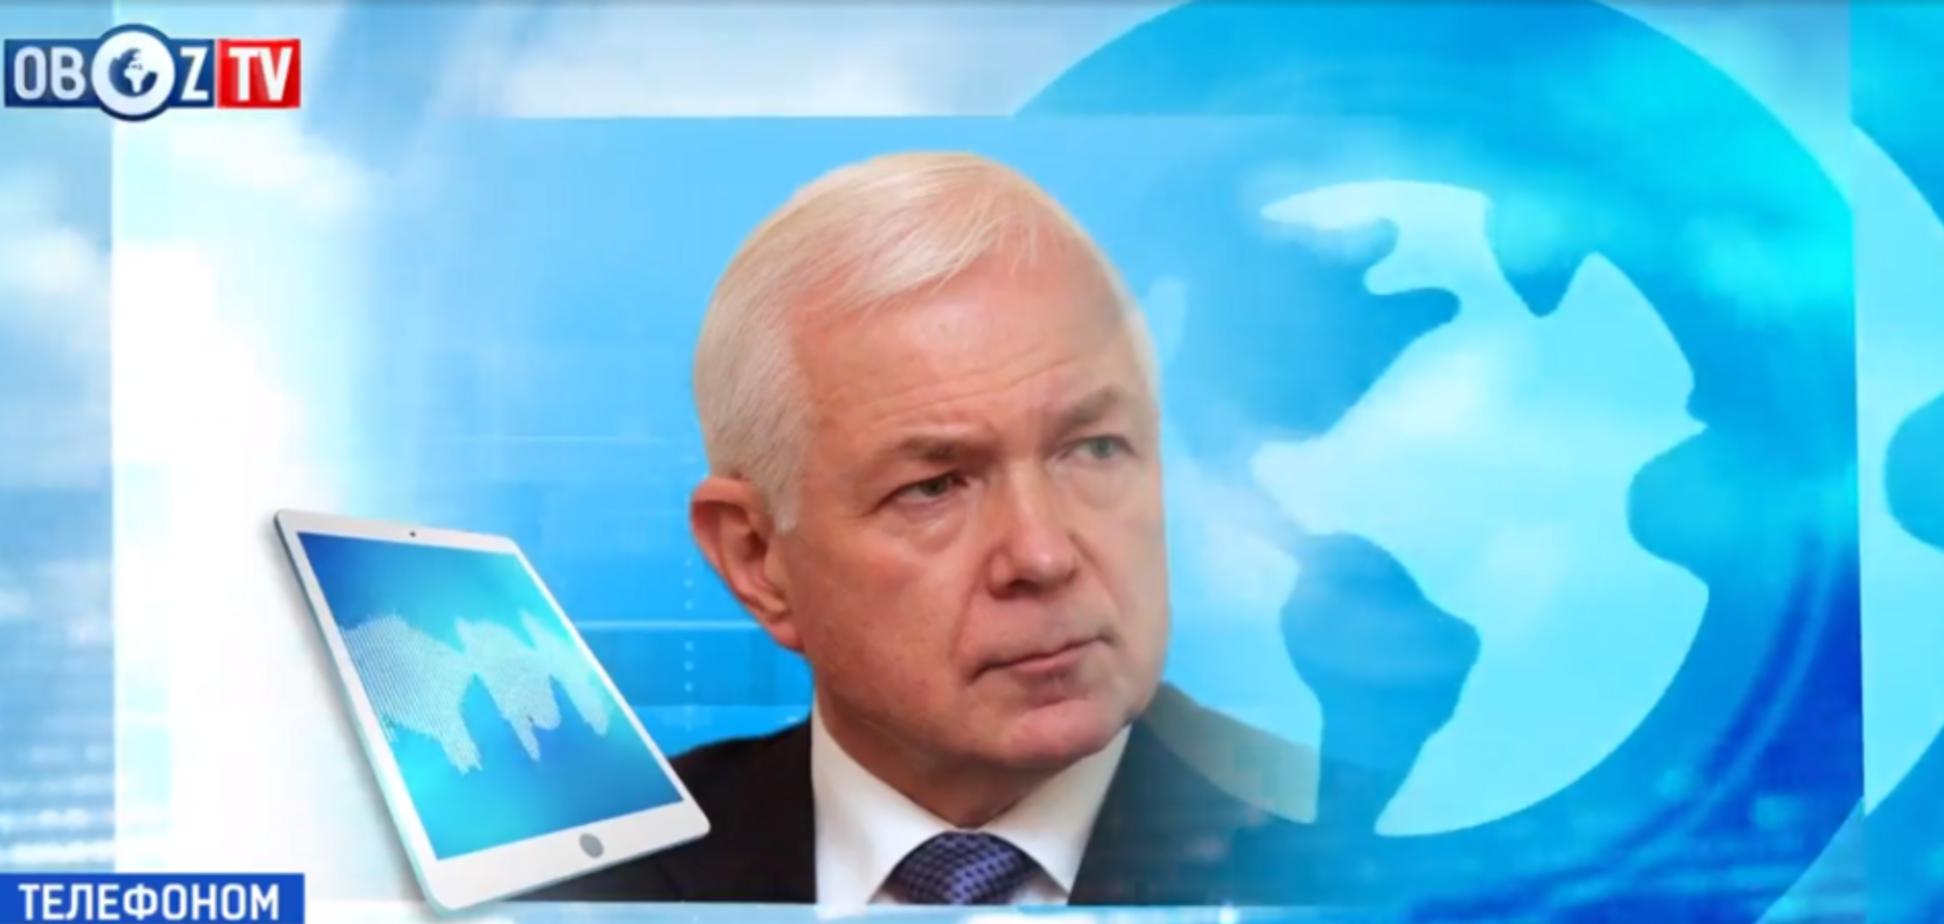 'Виграє Росія': ексрозвідник назвав наслідки скандалу з Україною і Байденом